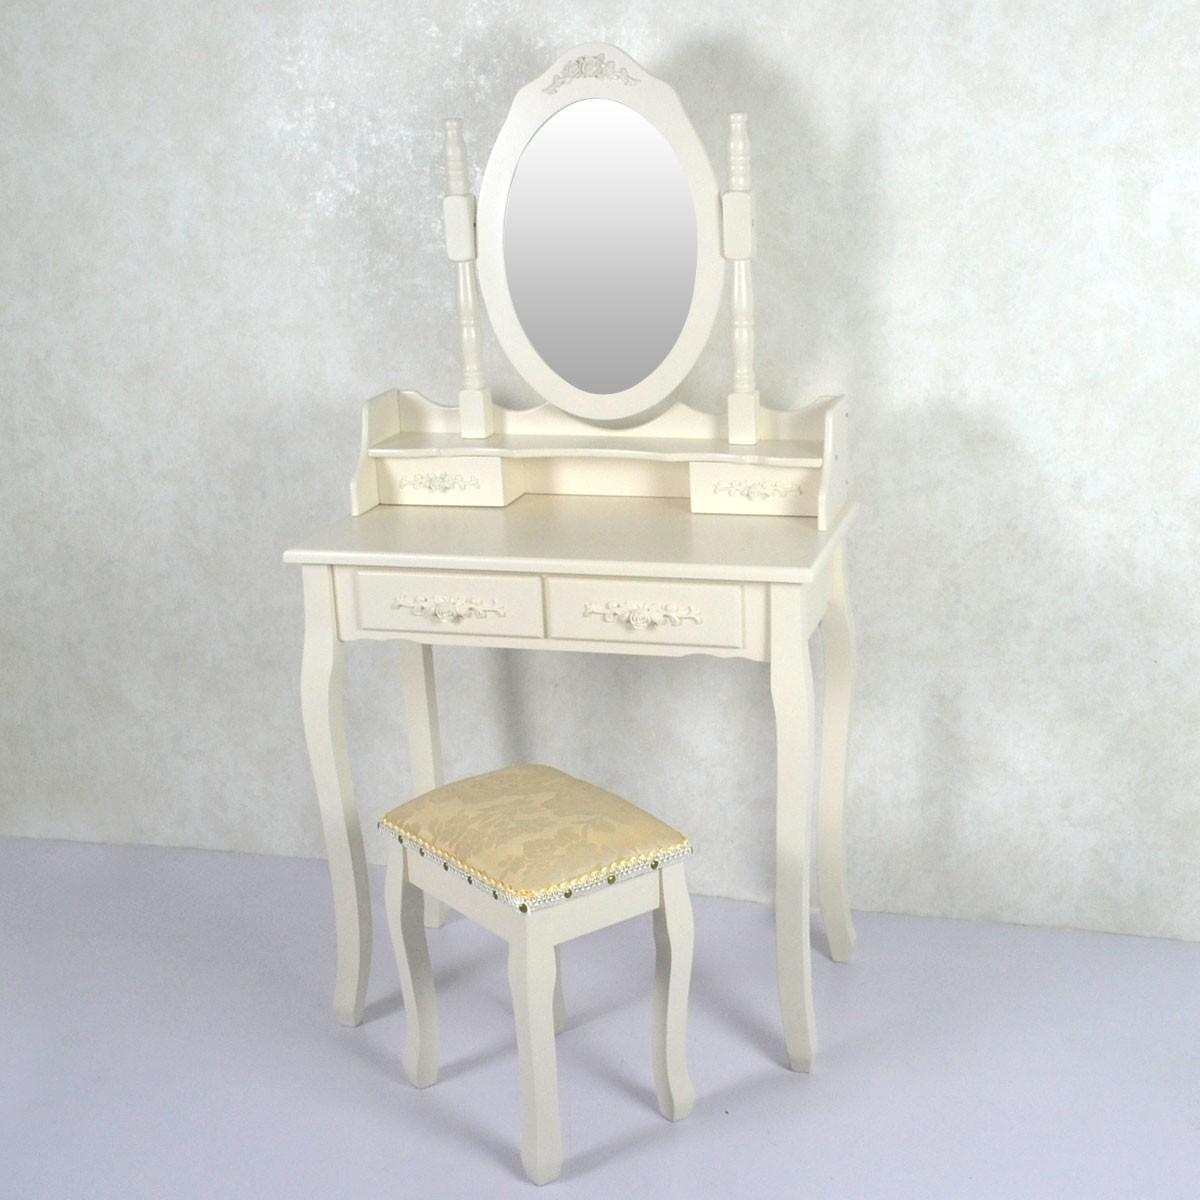 Coiffeuse avec tabouret et miroir ji3306 decoraport canada - Coiffeuse avec tabouret ...